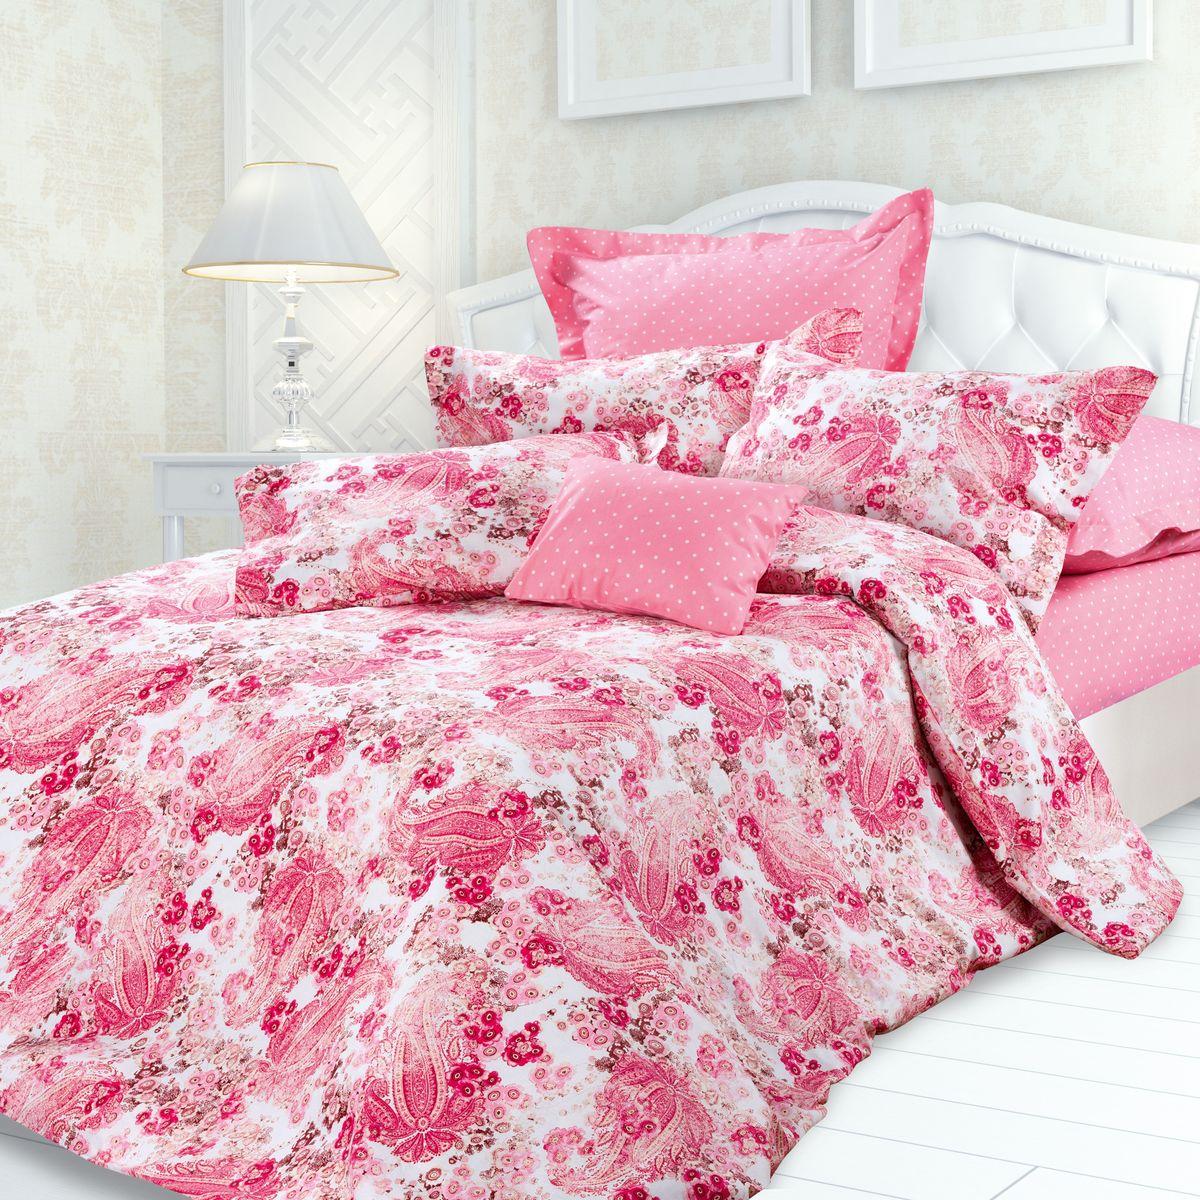 Комплект белья Унисон Линда, 1,5 спальное, наволочки 70 x 70, цвет: розовый. 239656239656